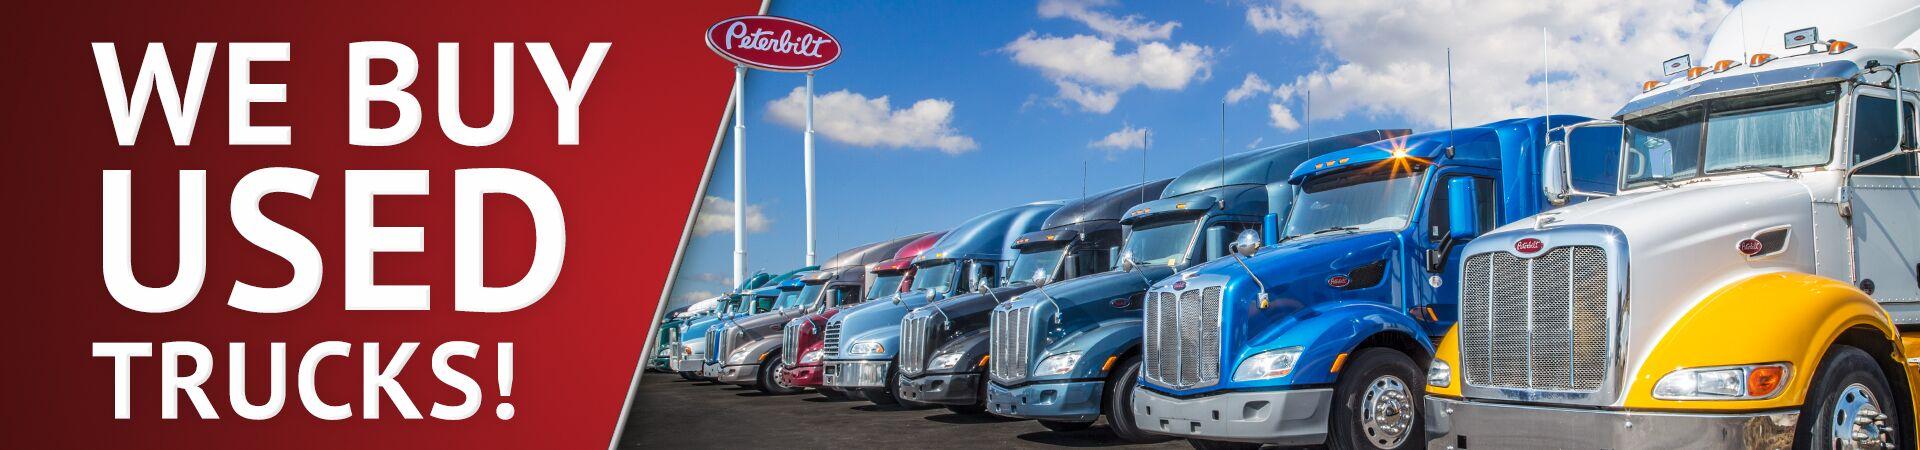 We Buy Used Trucks